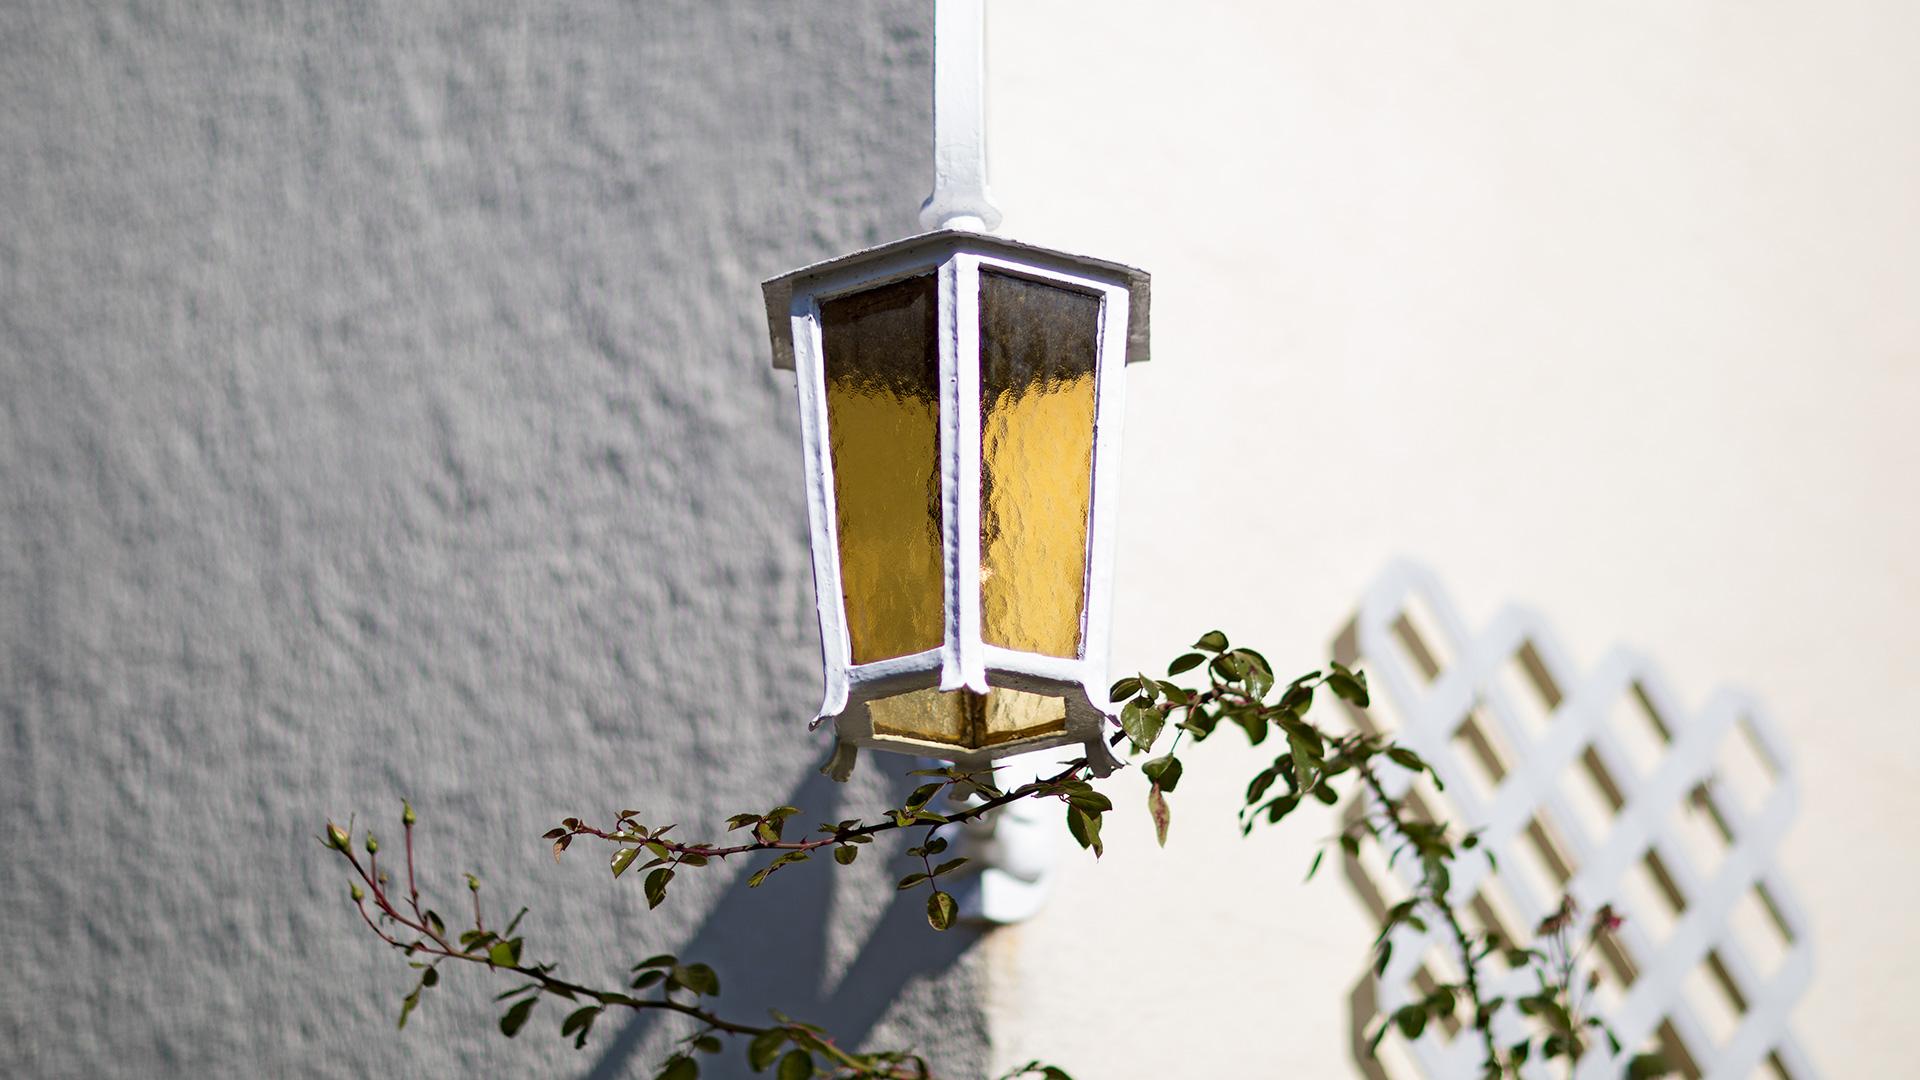 Architekturfotografie: Aussenbeleuchtung | Foto: Dieter Eikenberg, imprints